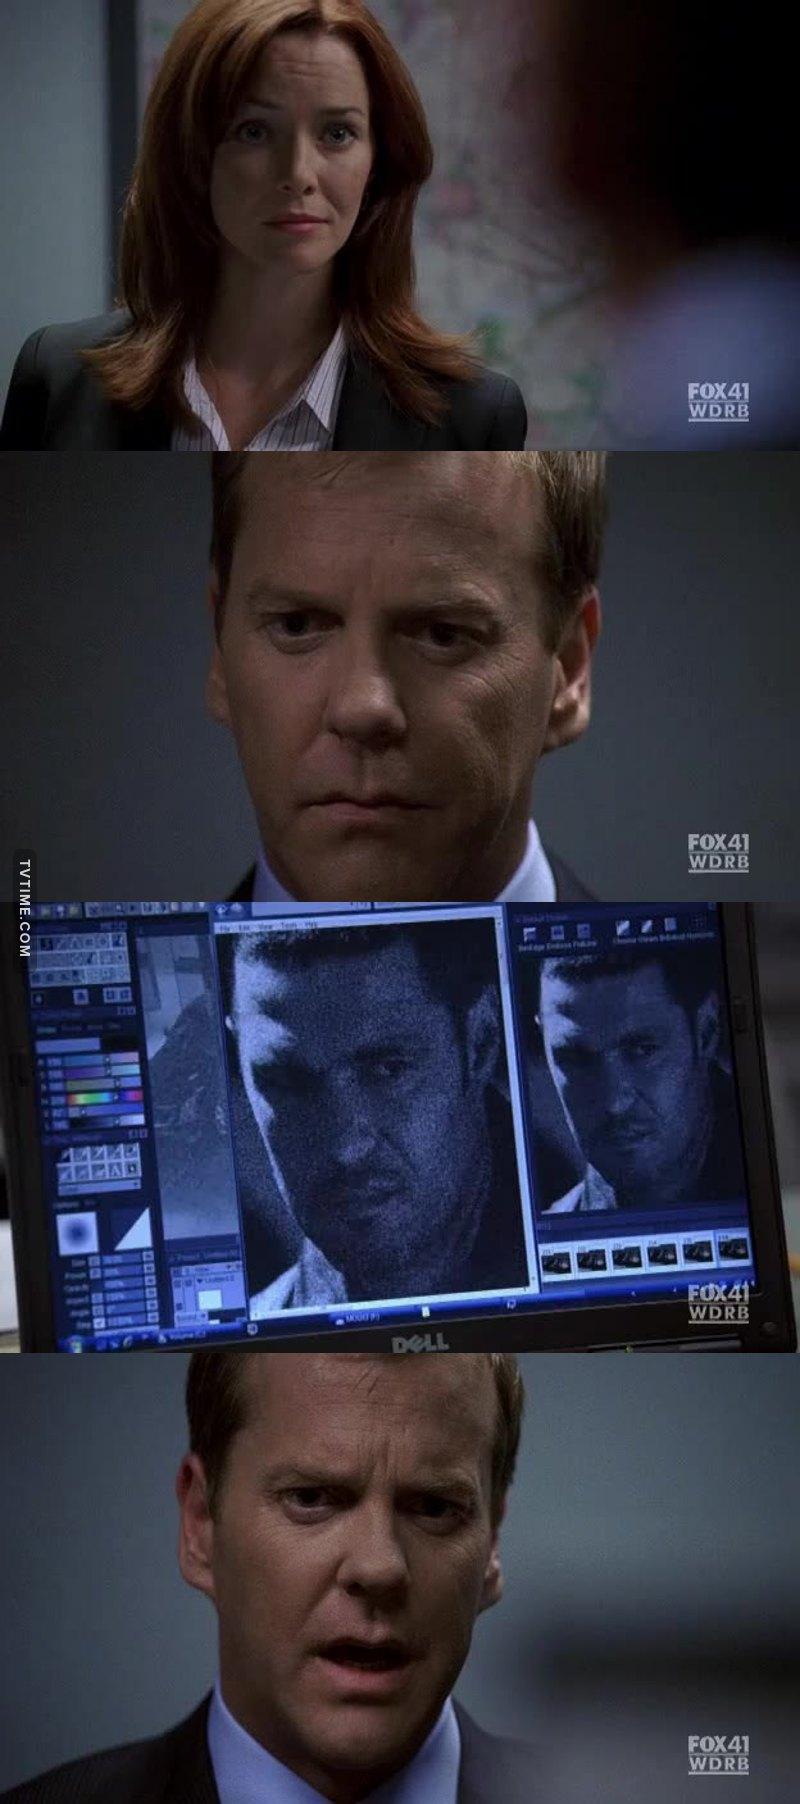 Si Renee ne connaissait pas Bauer elle va pas être déçu c'est pas l'ation qui va manqué. Un duel Tony, Jack sa promet.